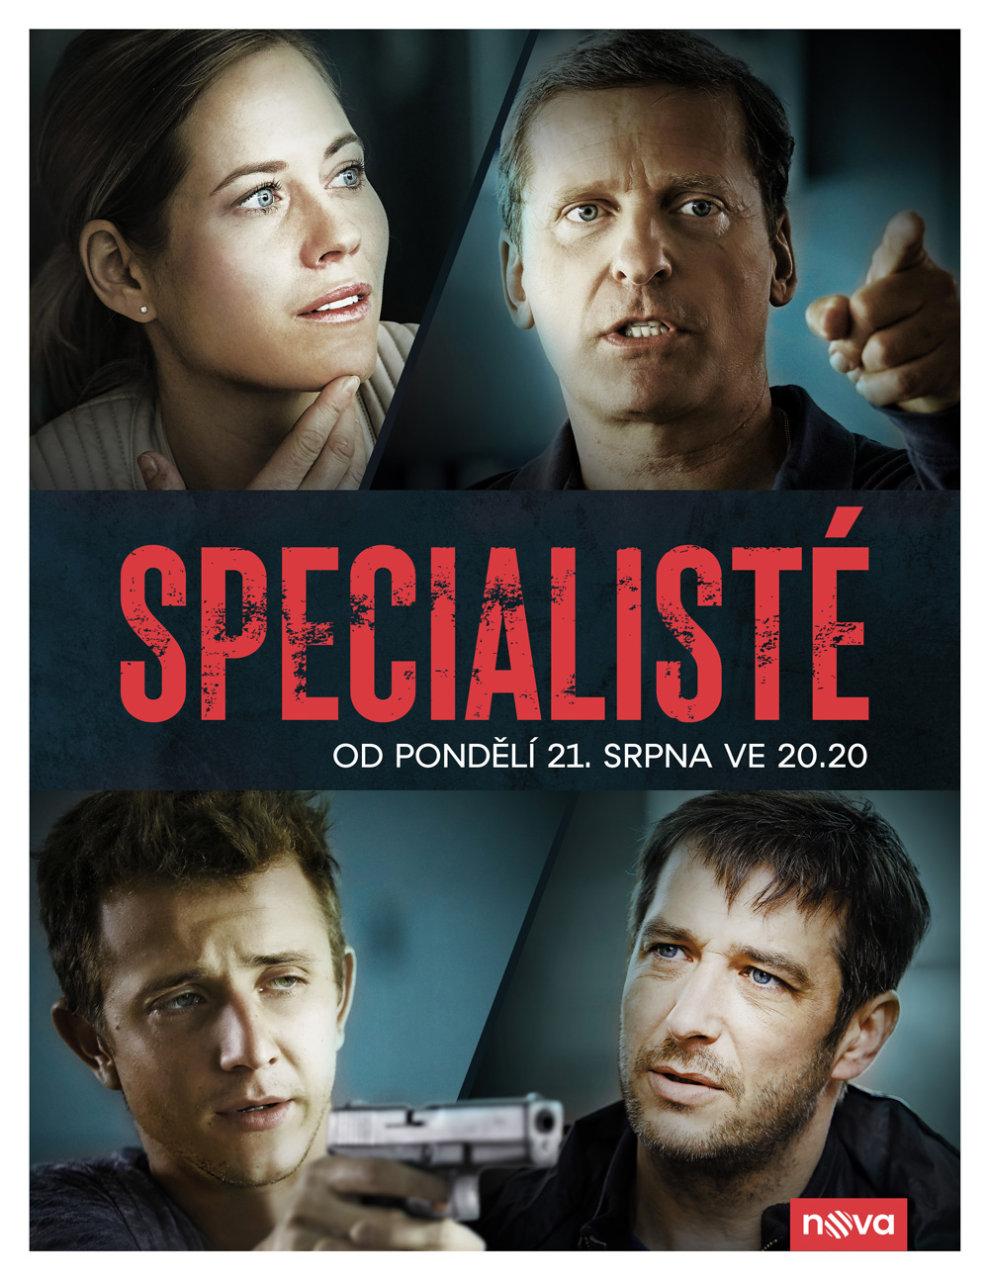 SpecialistA c